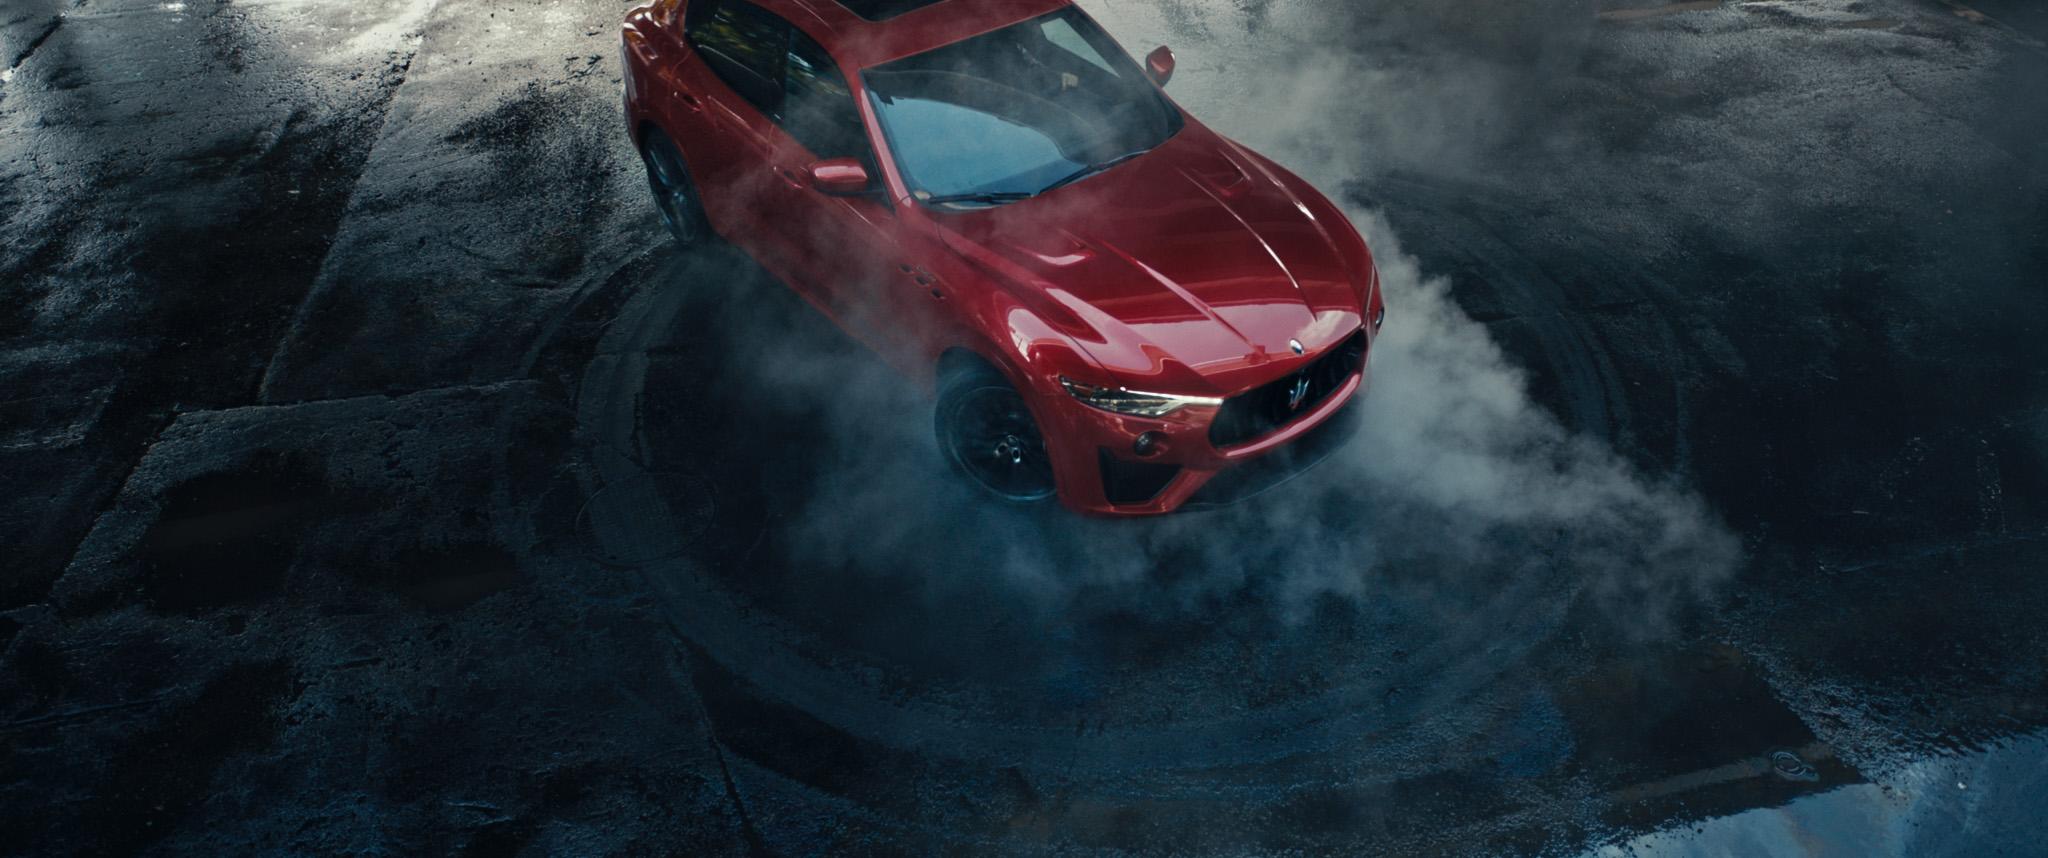 Δείτε τον David Beckham να «καίει» τα λάστιχα μιας Maserati (video)